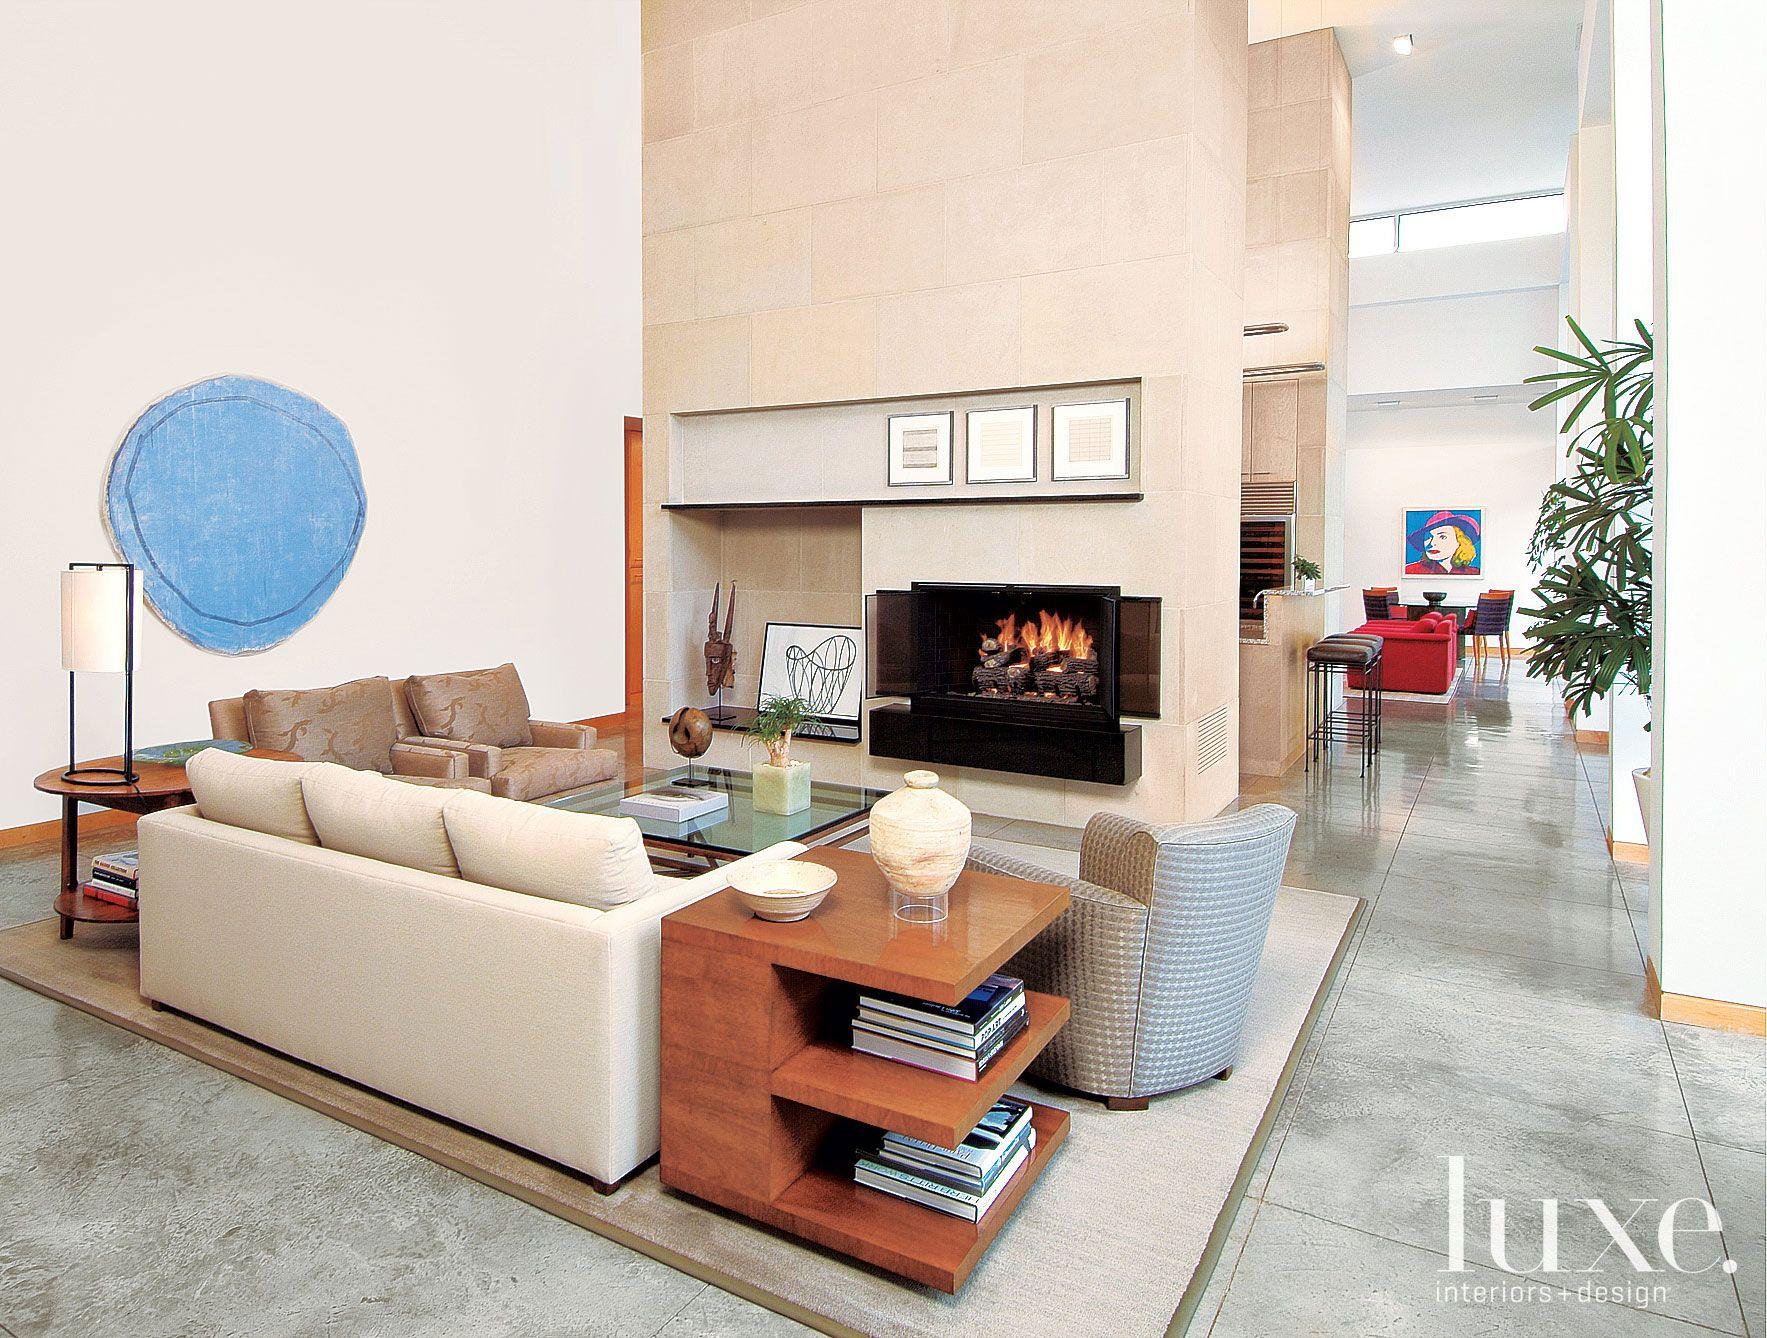 Modern White Gallery-Like Living Room